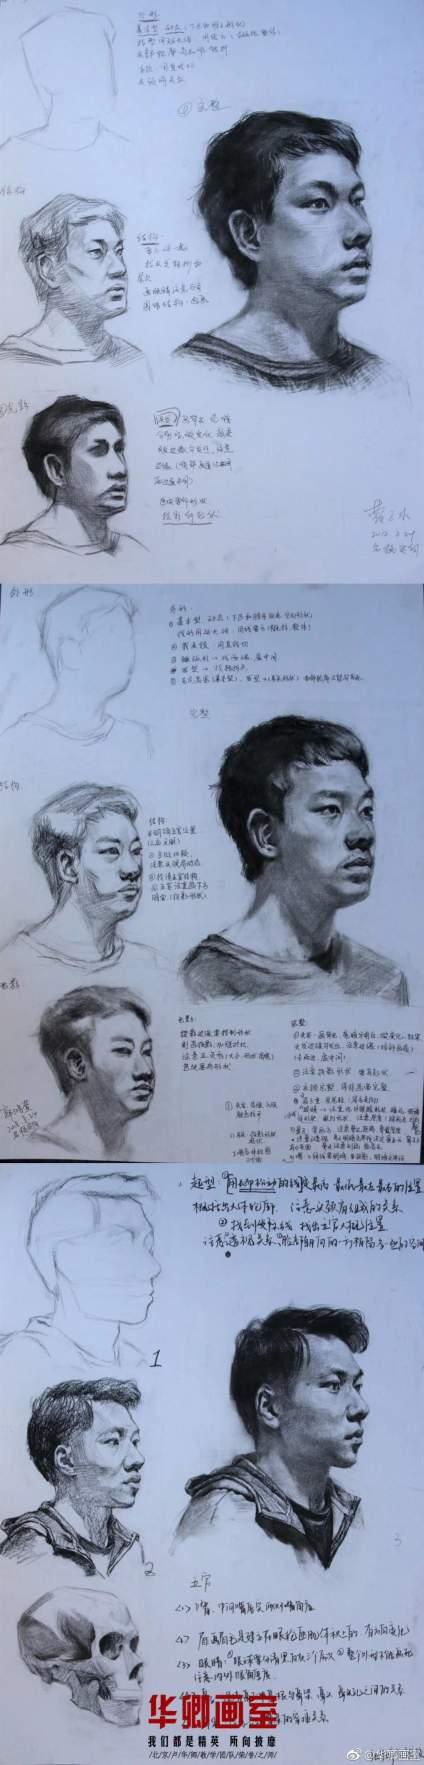 【学霸笔记】定向名校班日常课堂练习 画画也需要做笔记?当然! 因为画画的